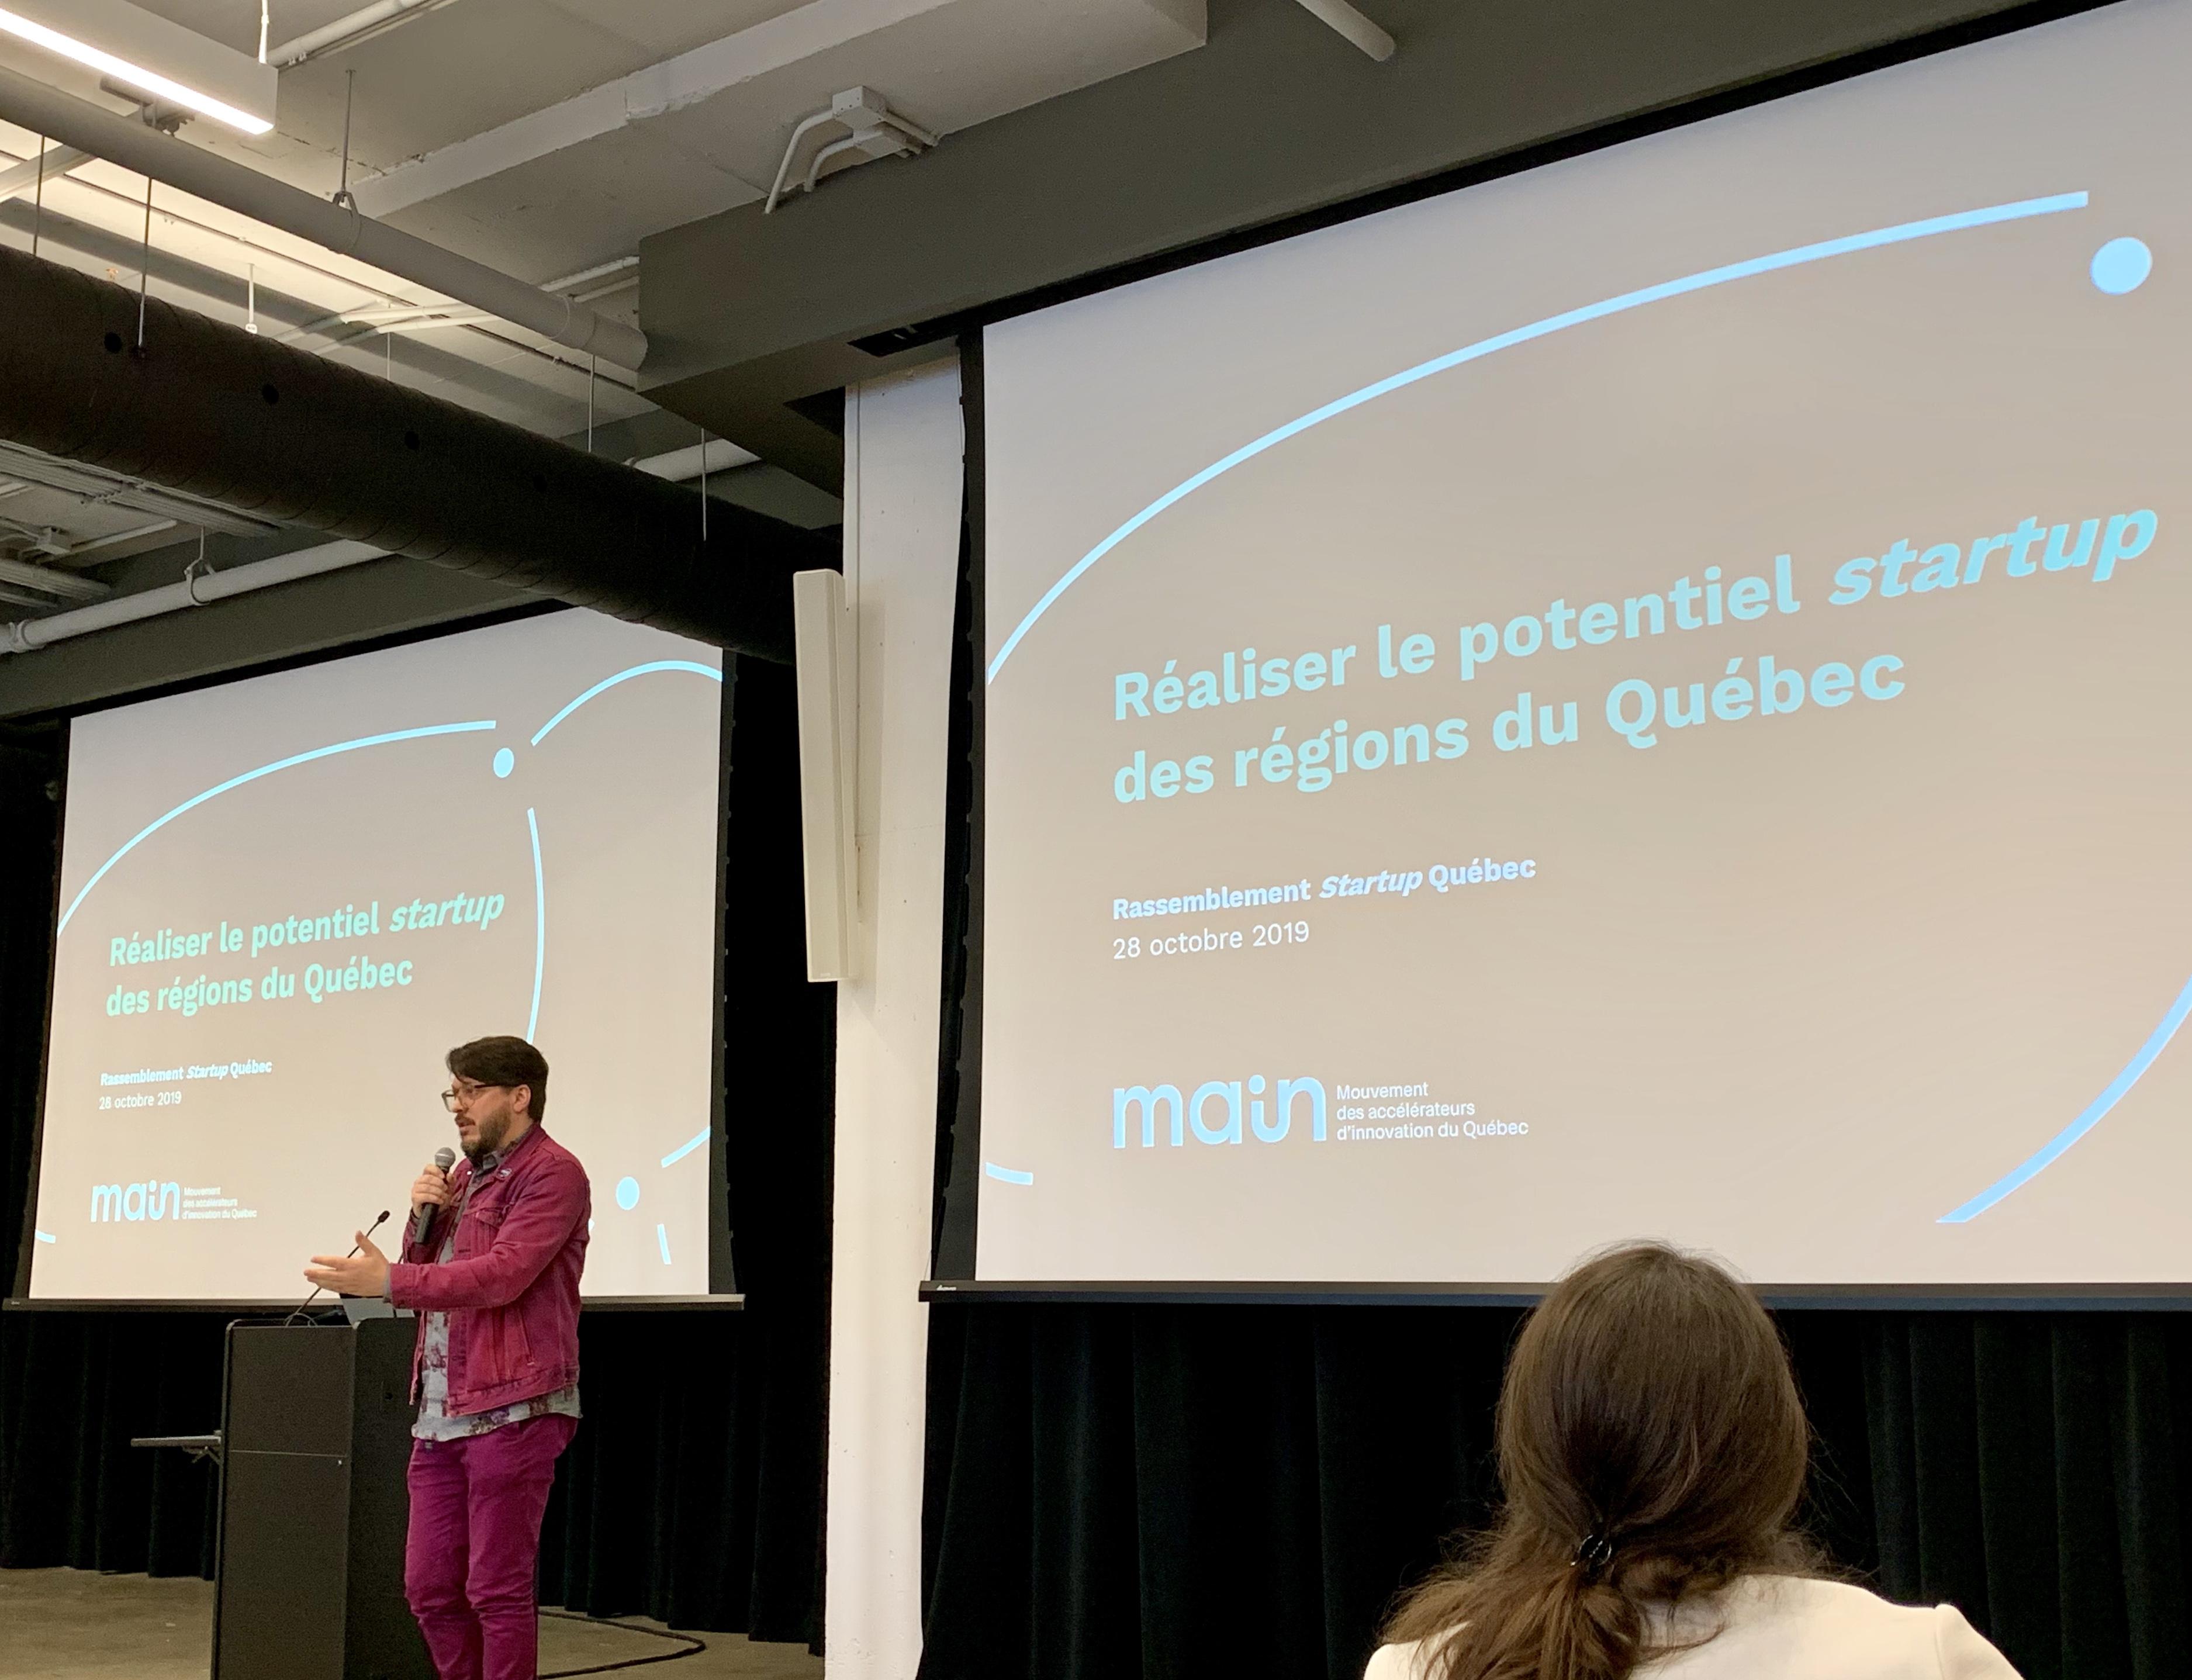 Le Mouvement des accélérateurs d'innovation du Québec crée un Circuit pour accélérer la mise en réseau des ressources de l'écosystème startup du Québec